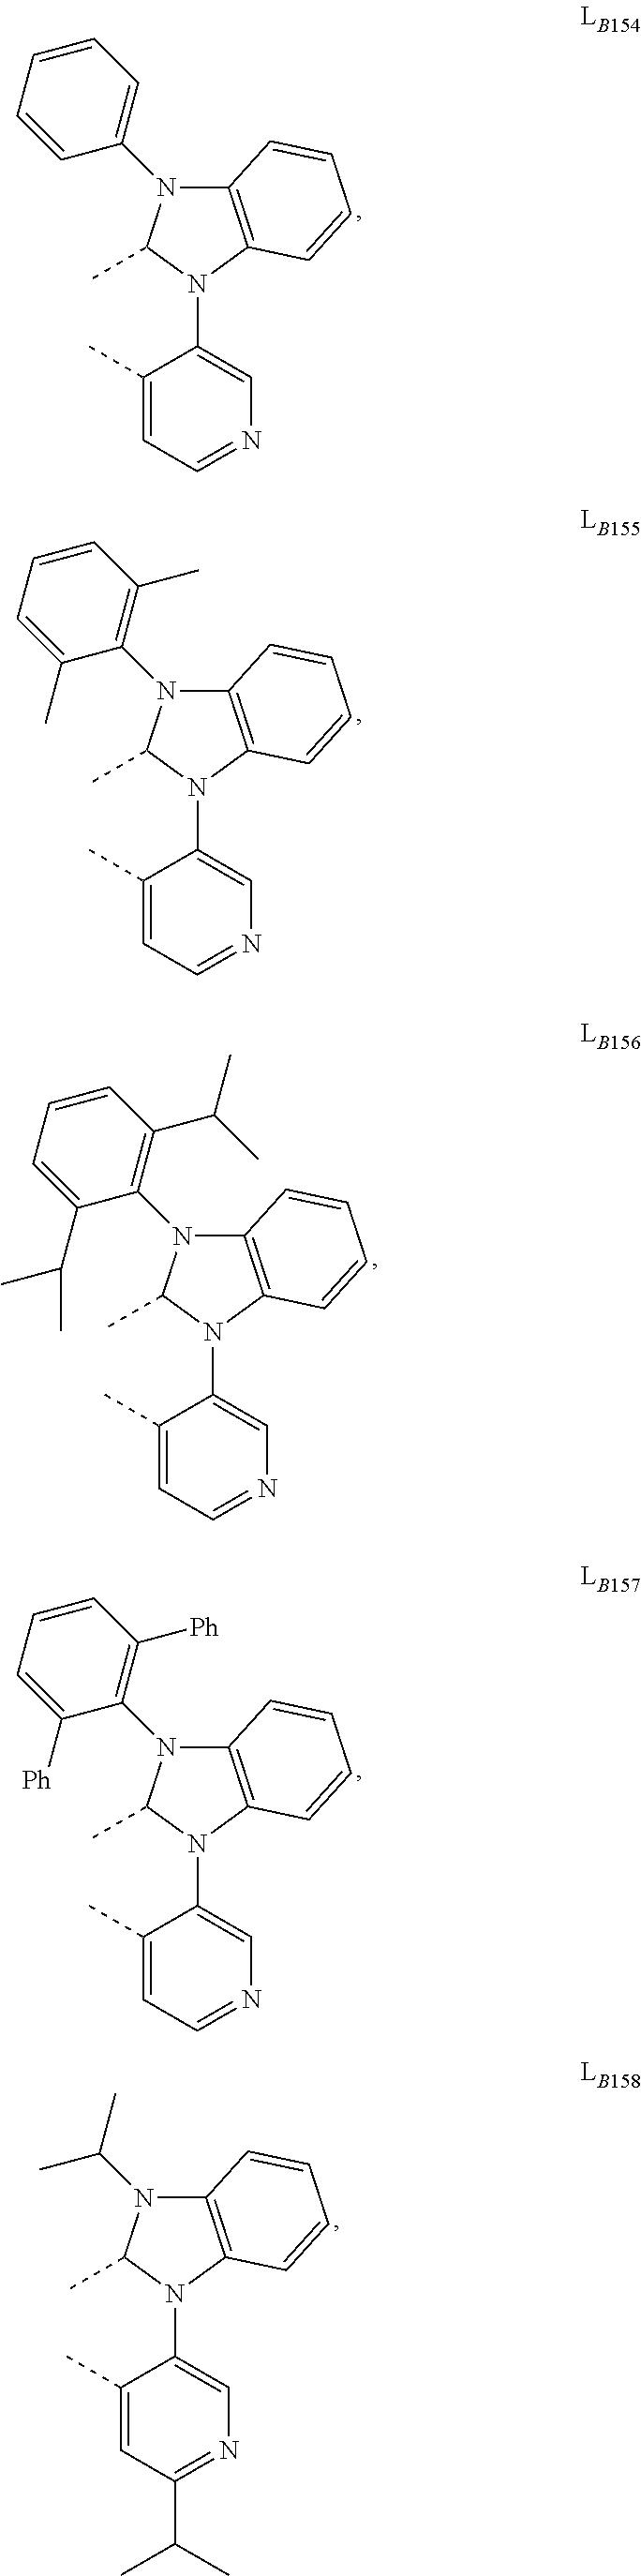 Figure US09905785-20180227-C00532